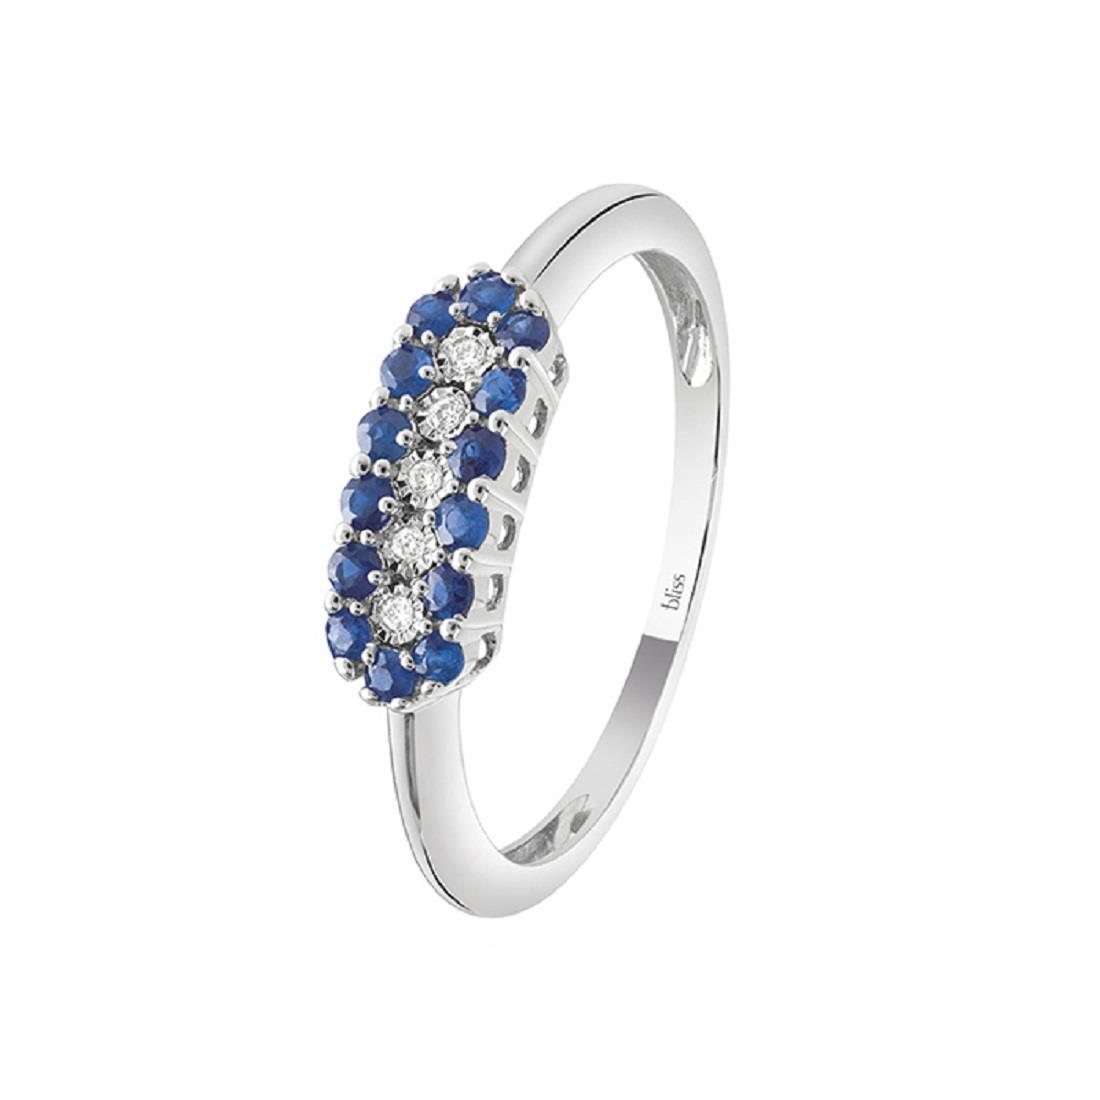 Anello con diamanti e zaffiri - BLISS